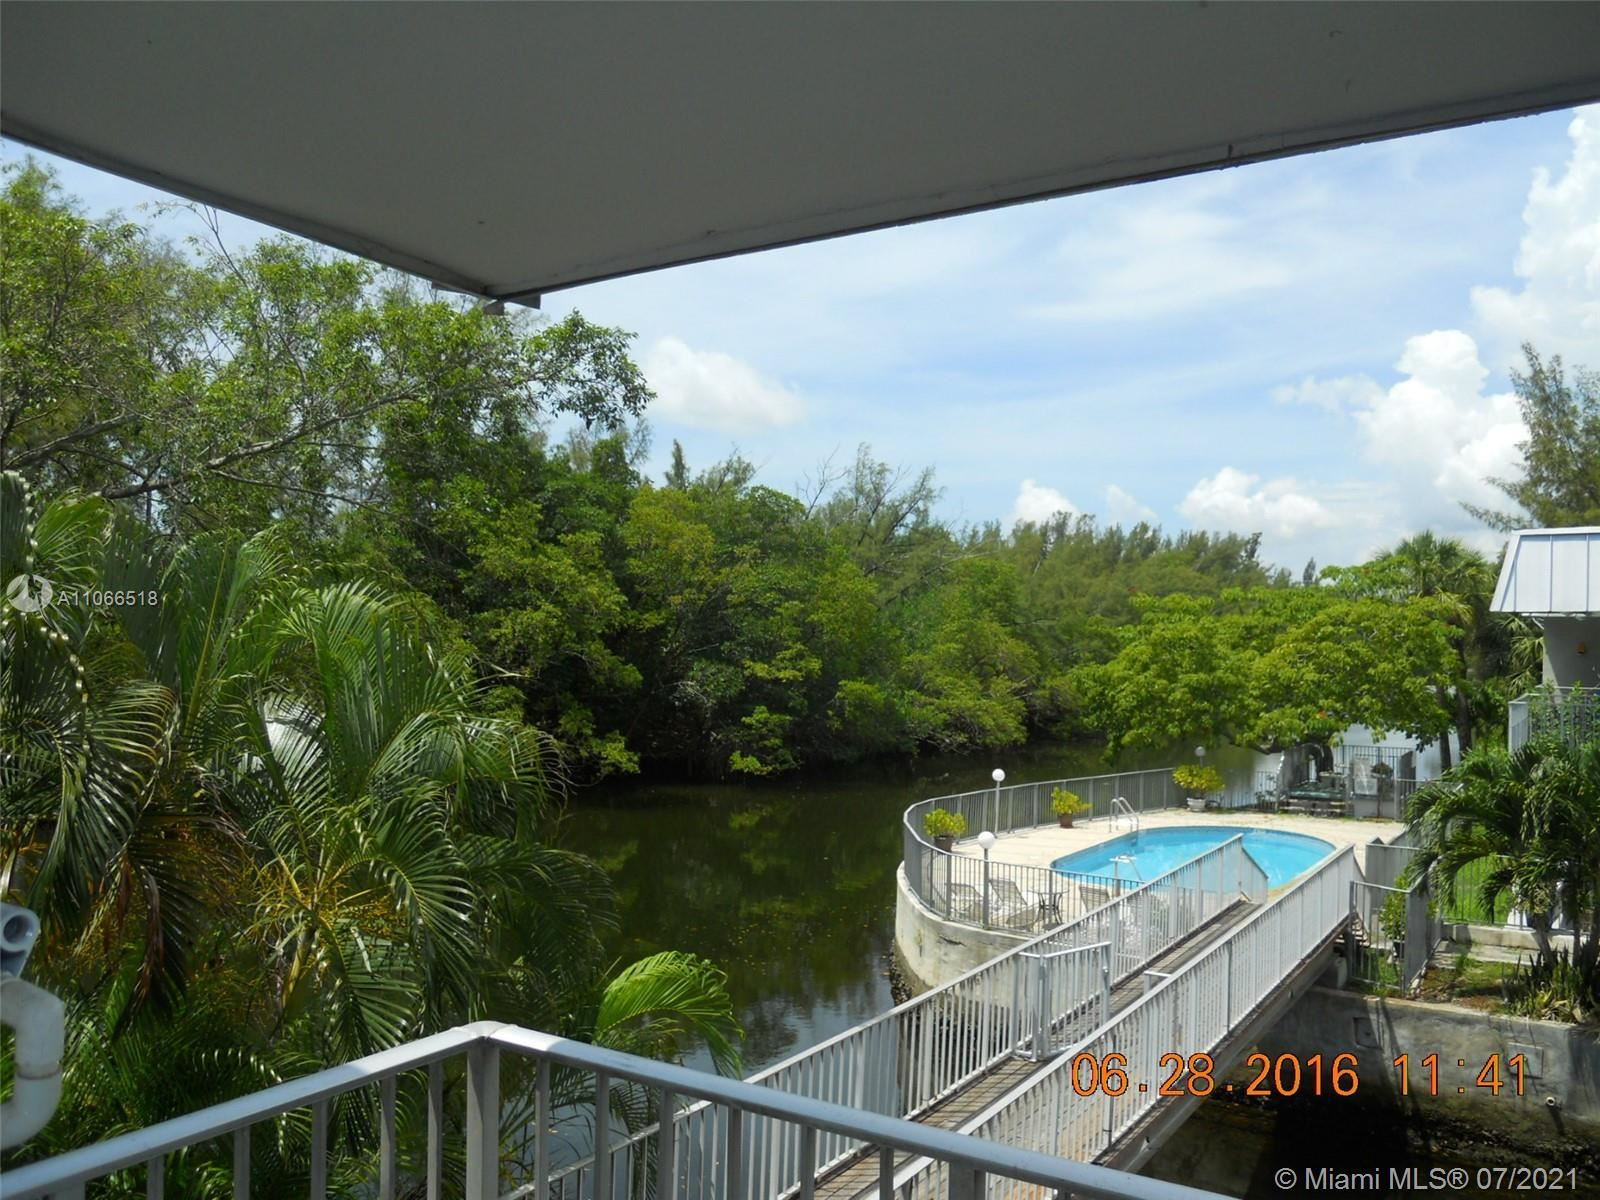 1860 Venice Park Dr #226, North Miami, FL 33181 - #: A11066518